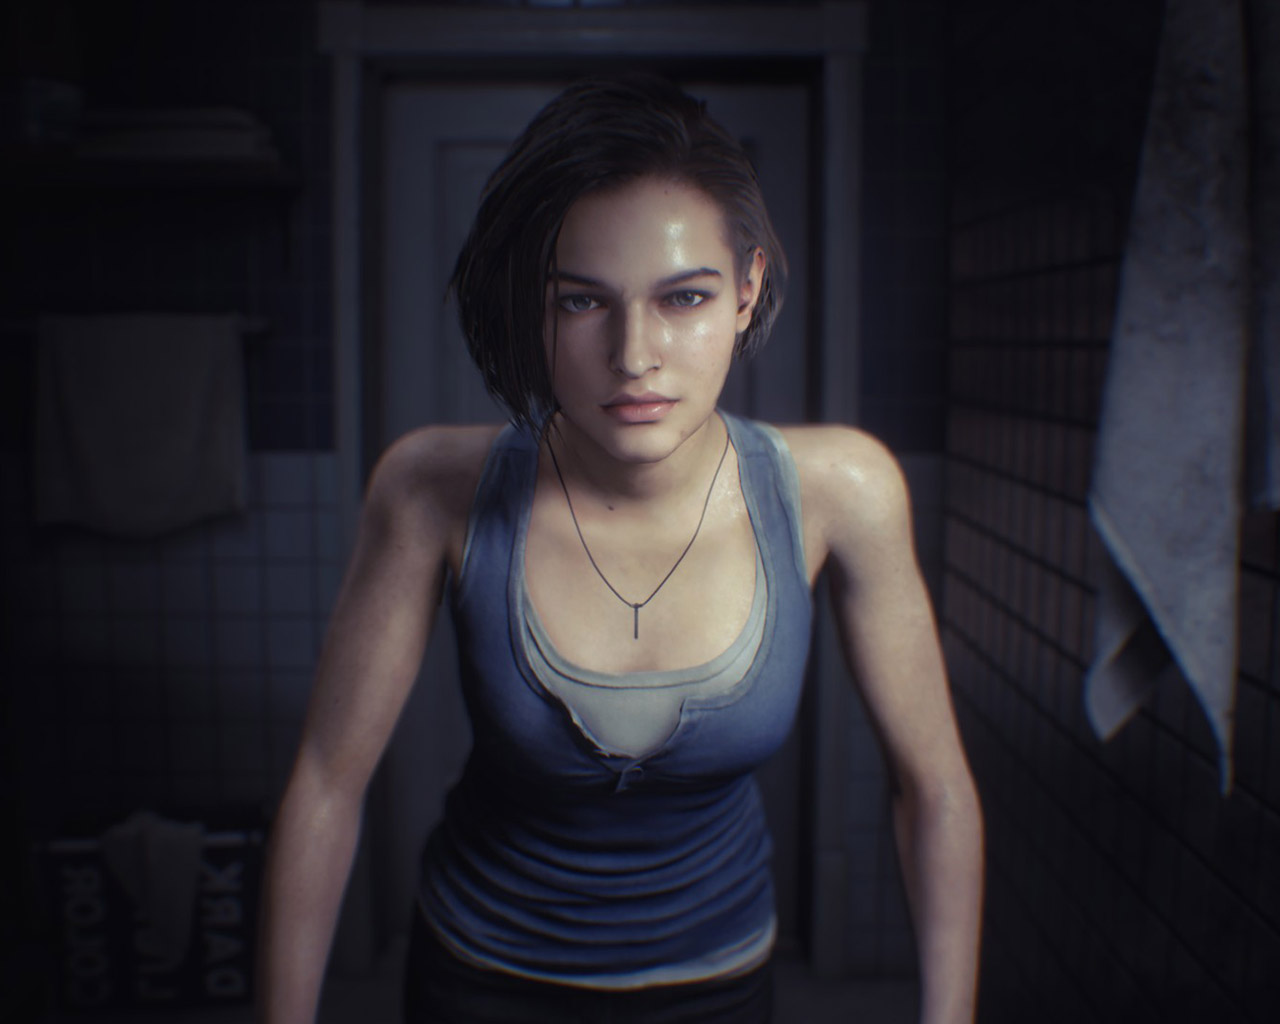 Free Resident Evil 3 Wallpaper in 1280x1024